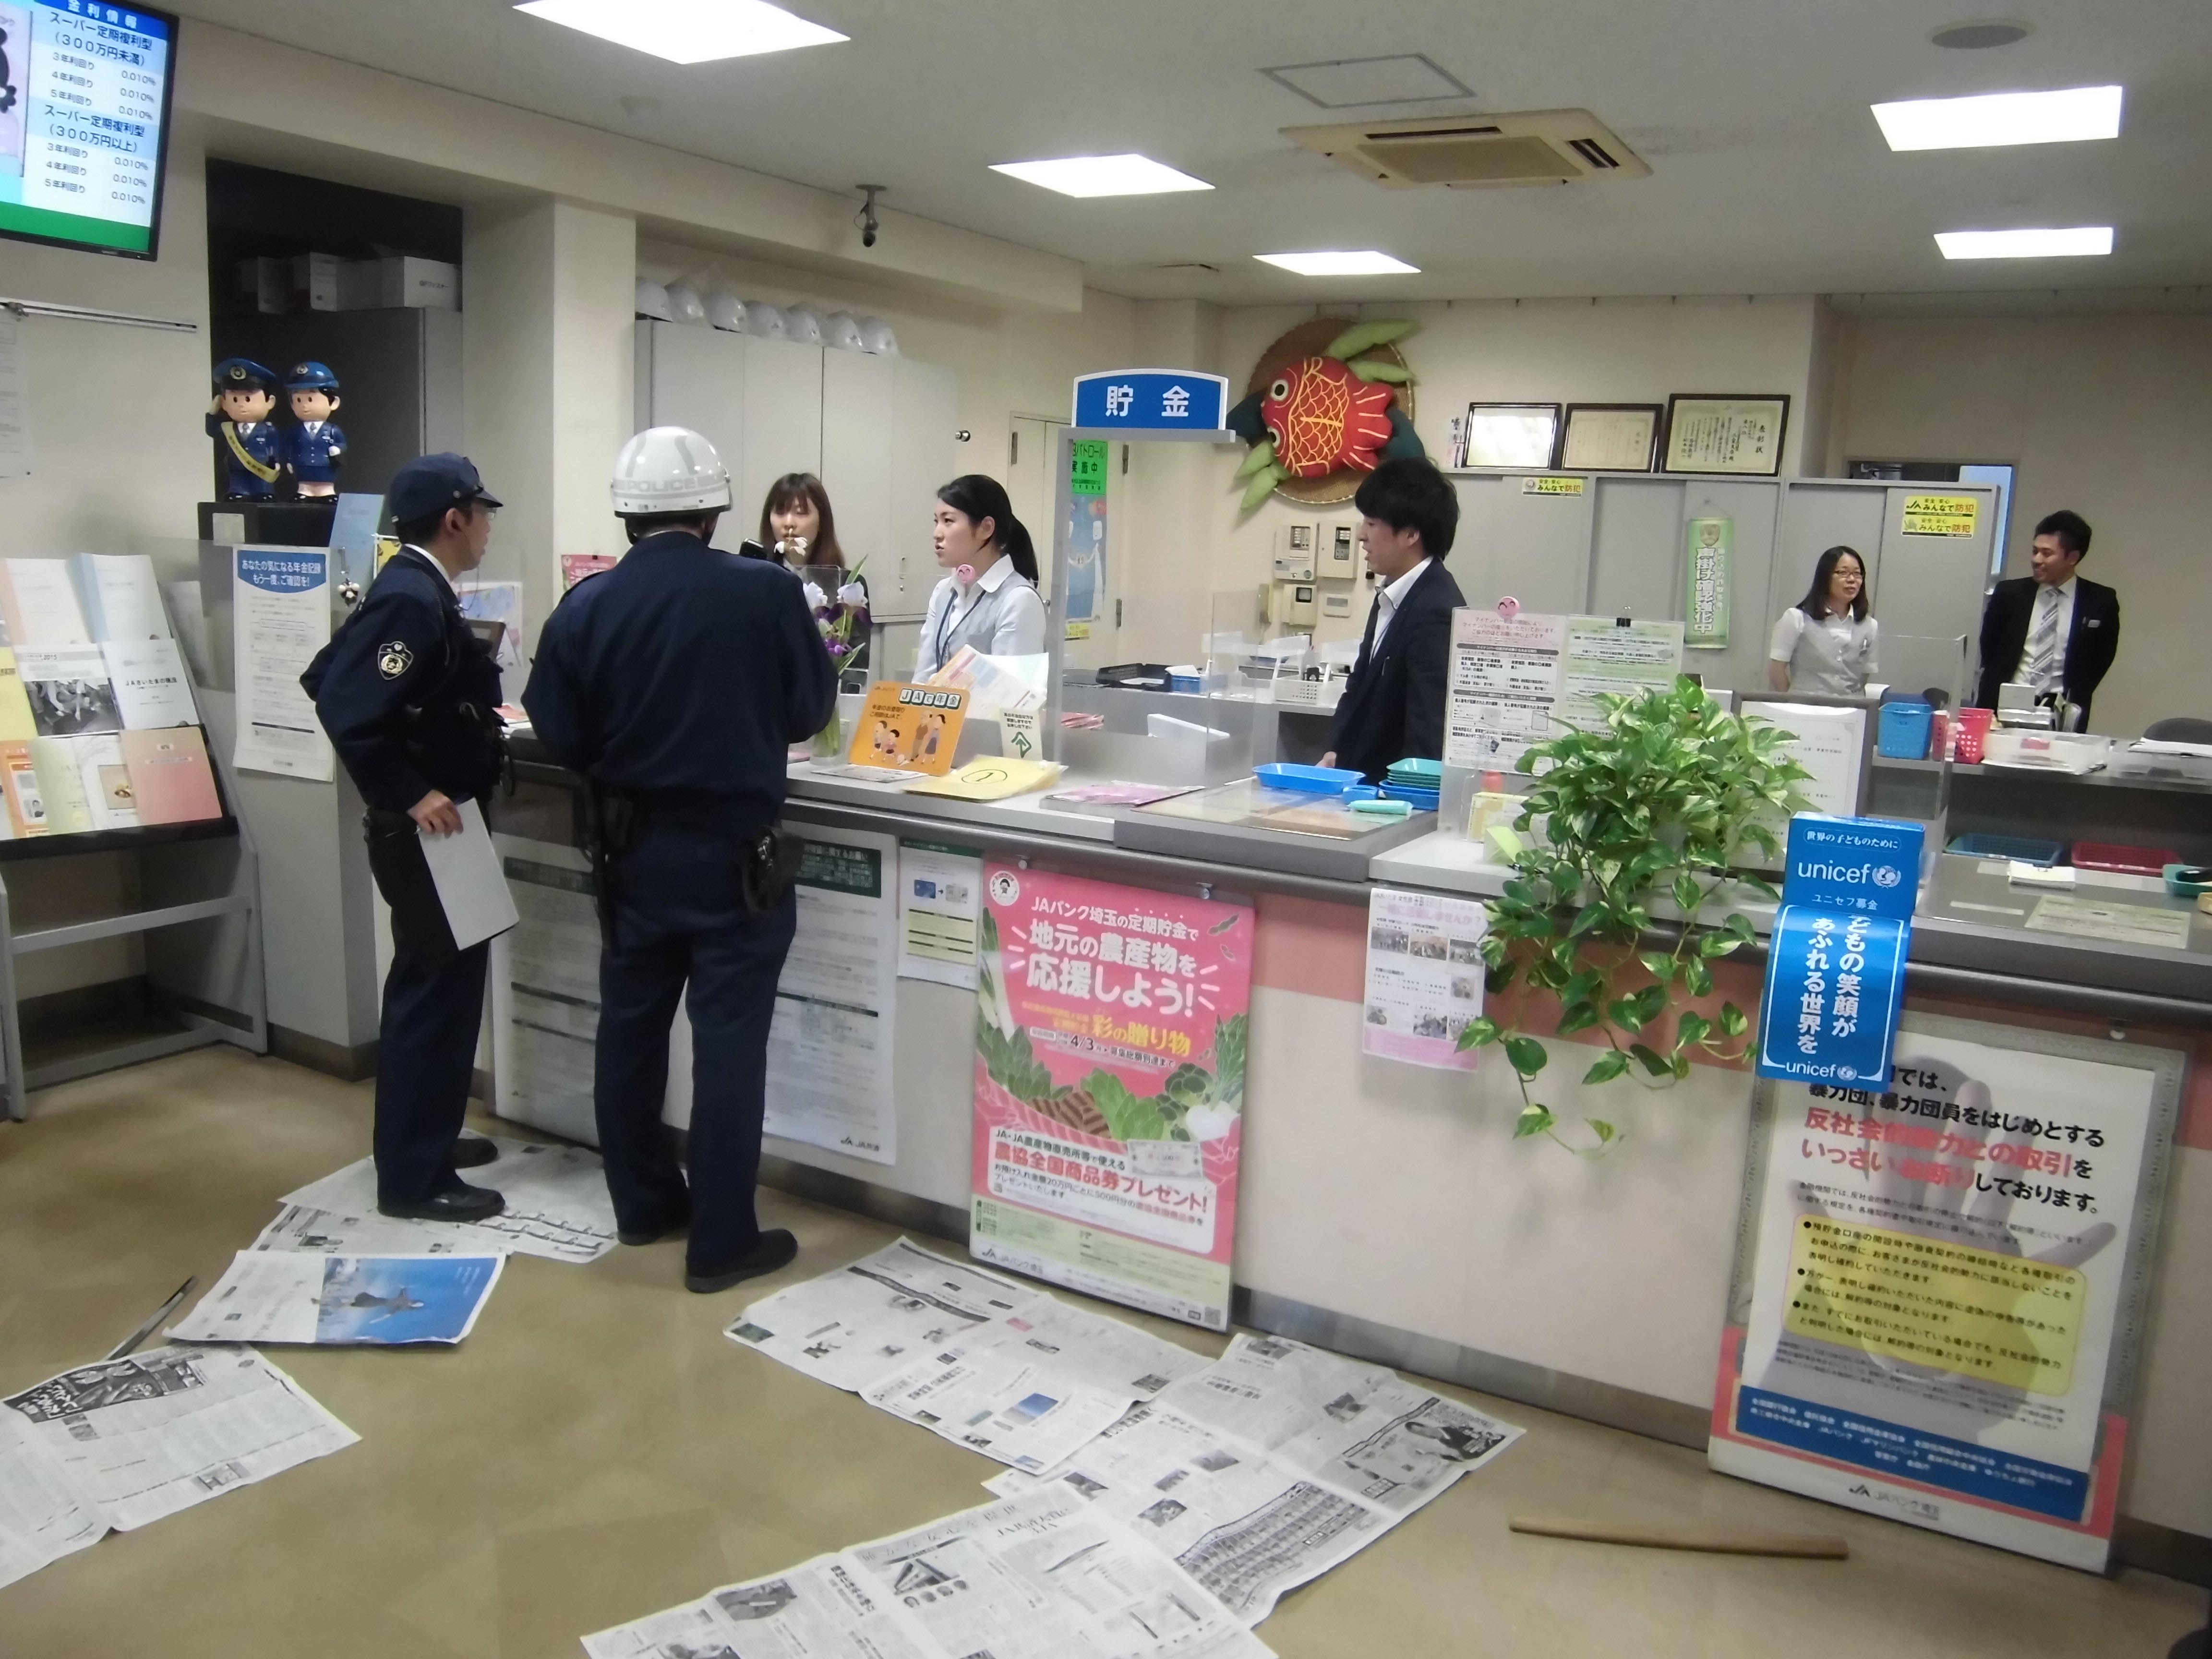 防犯訓練を実施(三室支店)